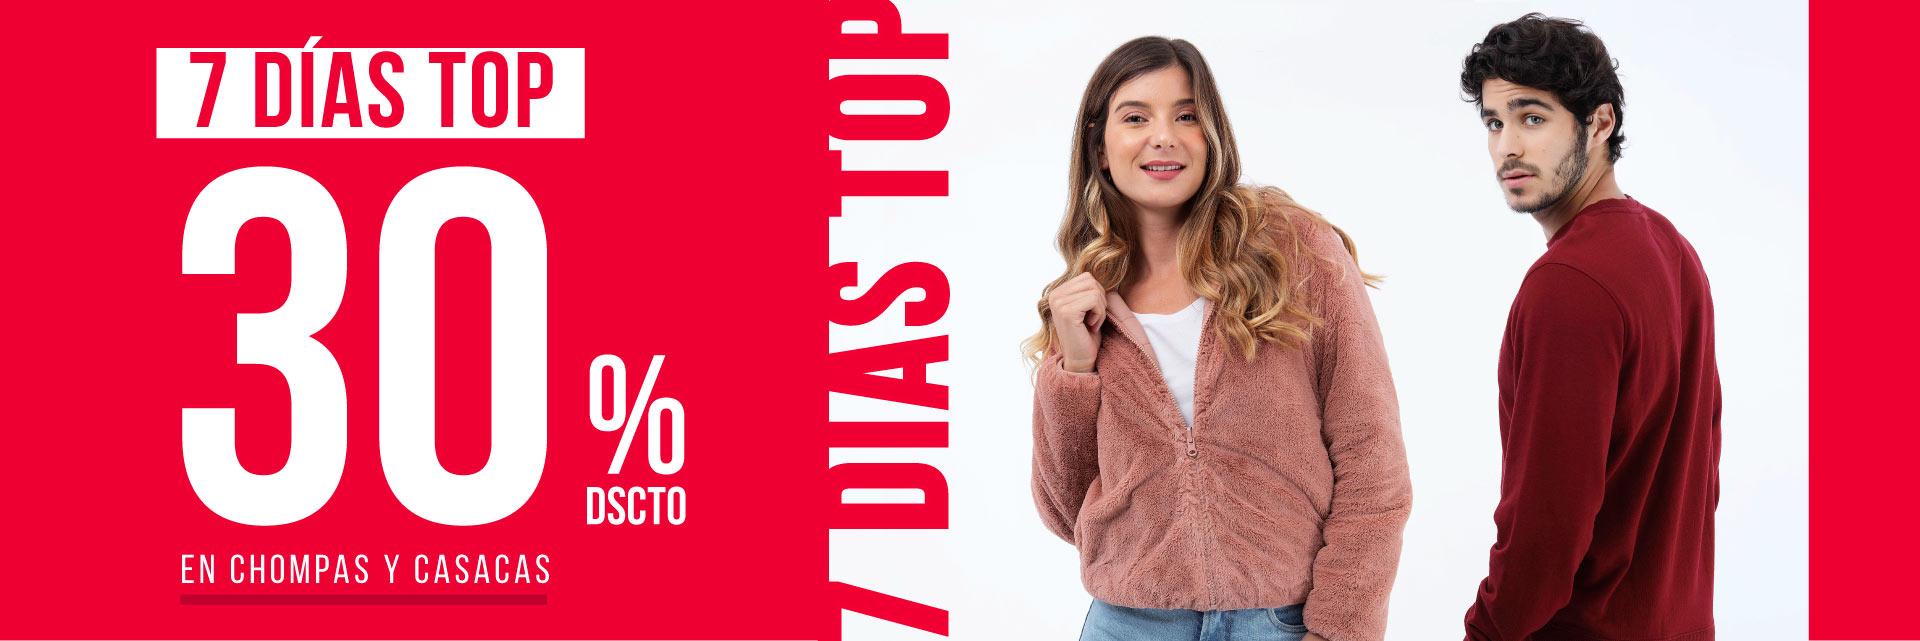 Chompas y casacas 7 días top